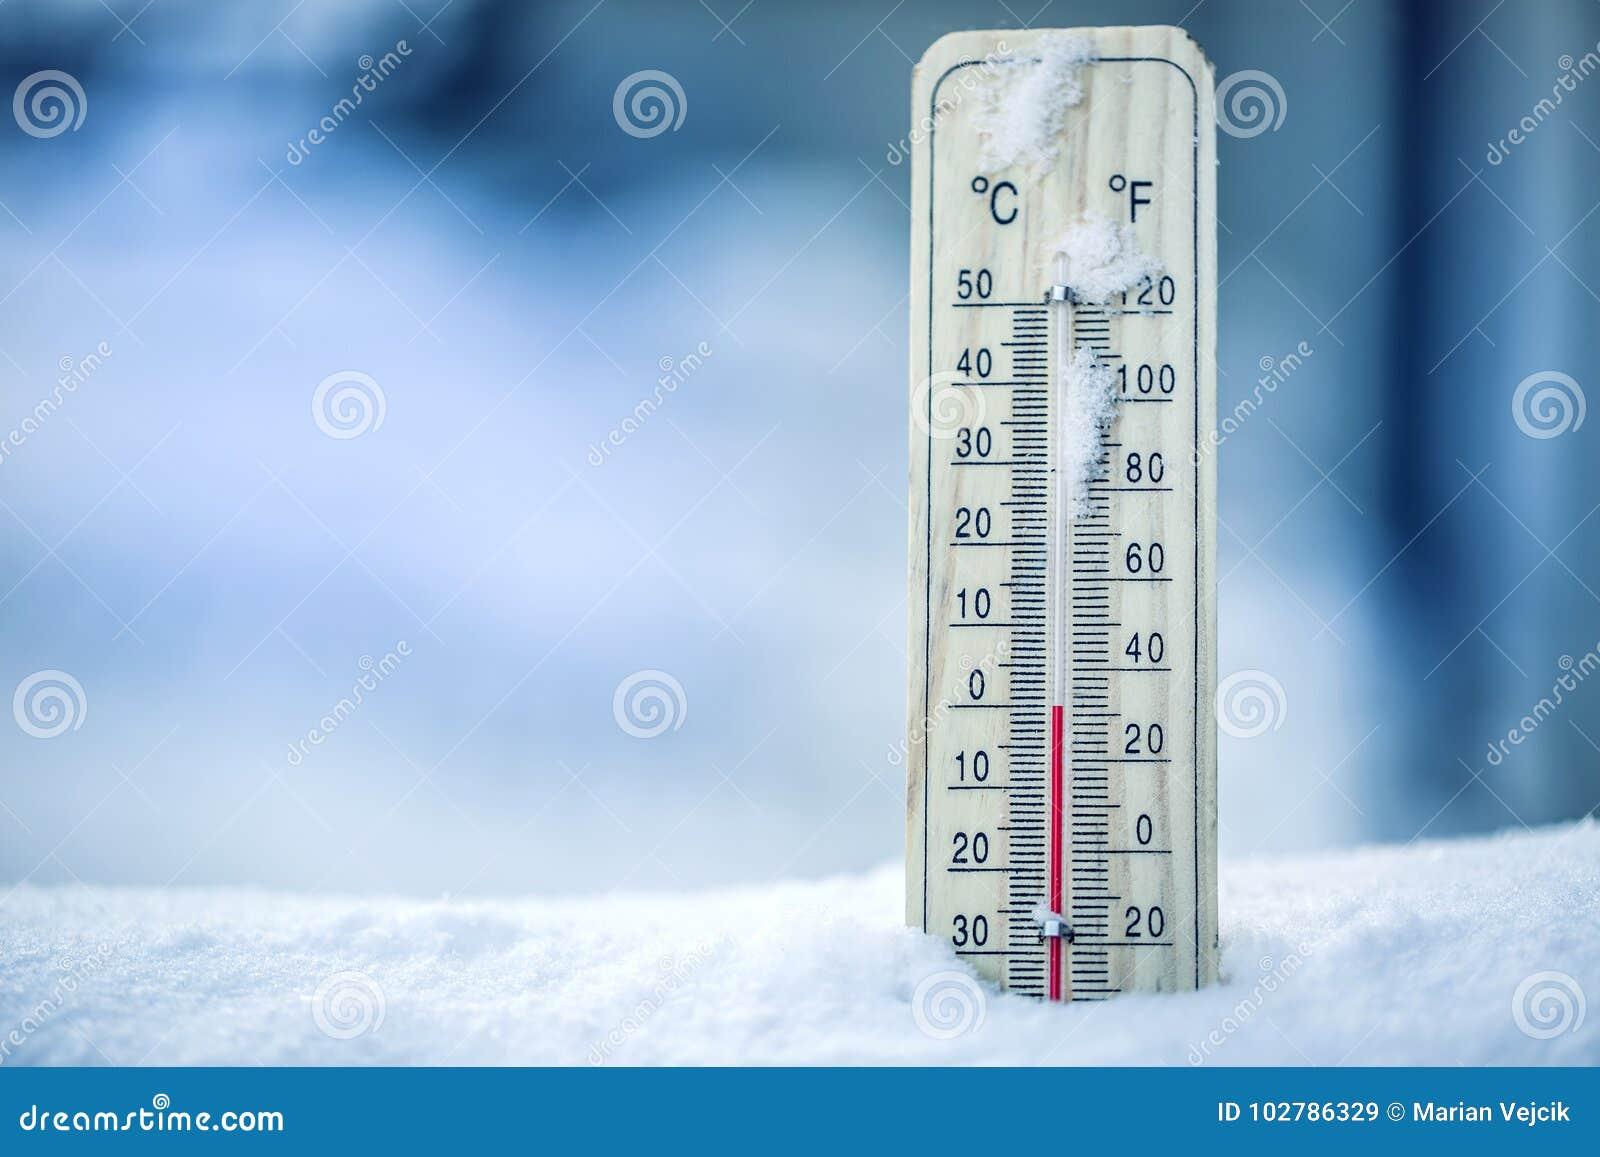 Το θερμόμετρο στο χιόνι παρουσιάζει χαμηλές θερμοκρασίες - μηδέν Χαμηλές θερμοκρασίες στους βαθμούς Κέλσιος και fahrenheit Κρύος